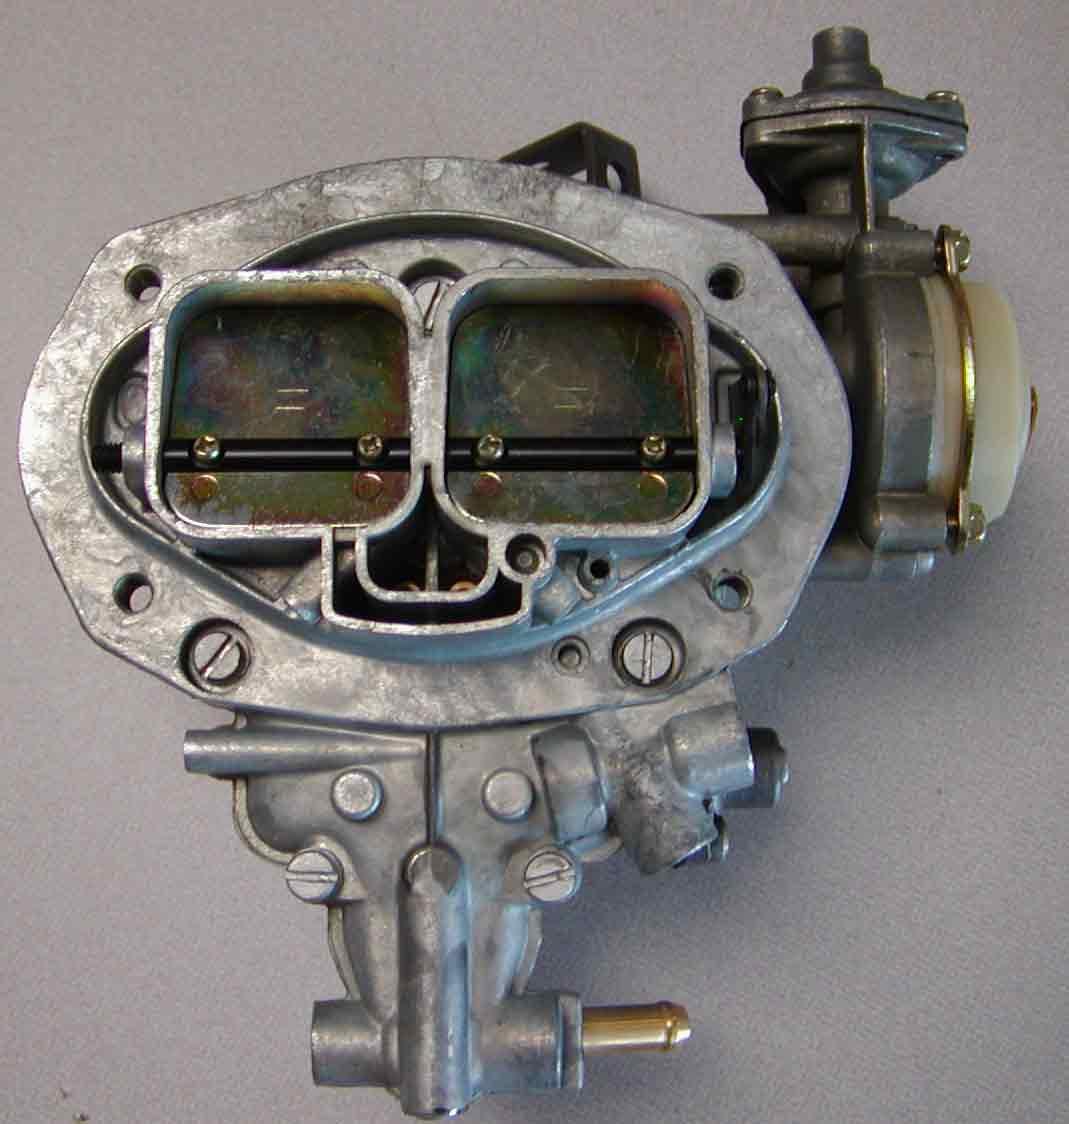 Vw Super Beetle Engine Upgrade: VW Bug Super Beetle DuneBuggy Weber Carburetor Kit W